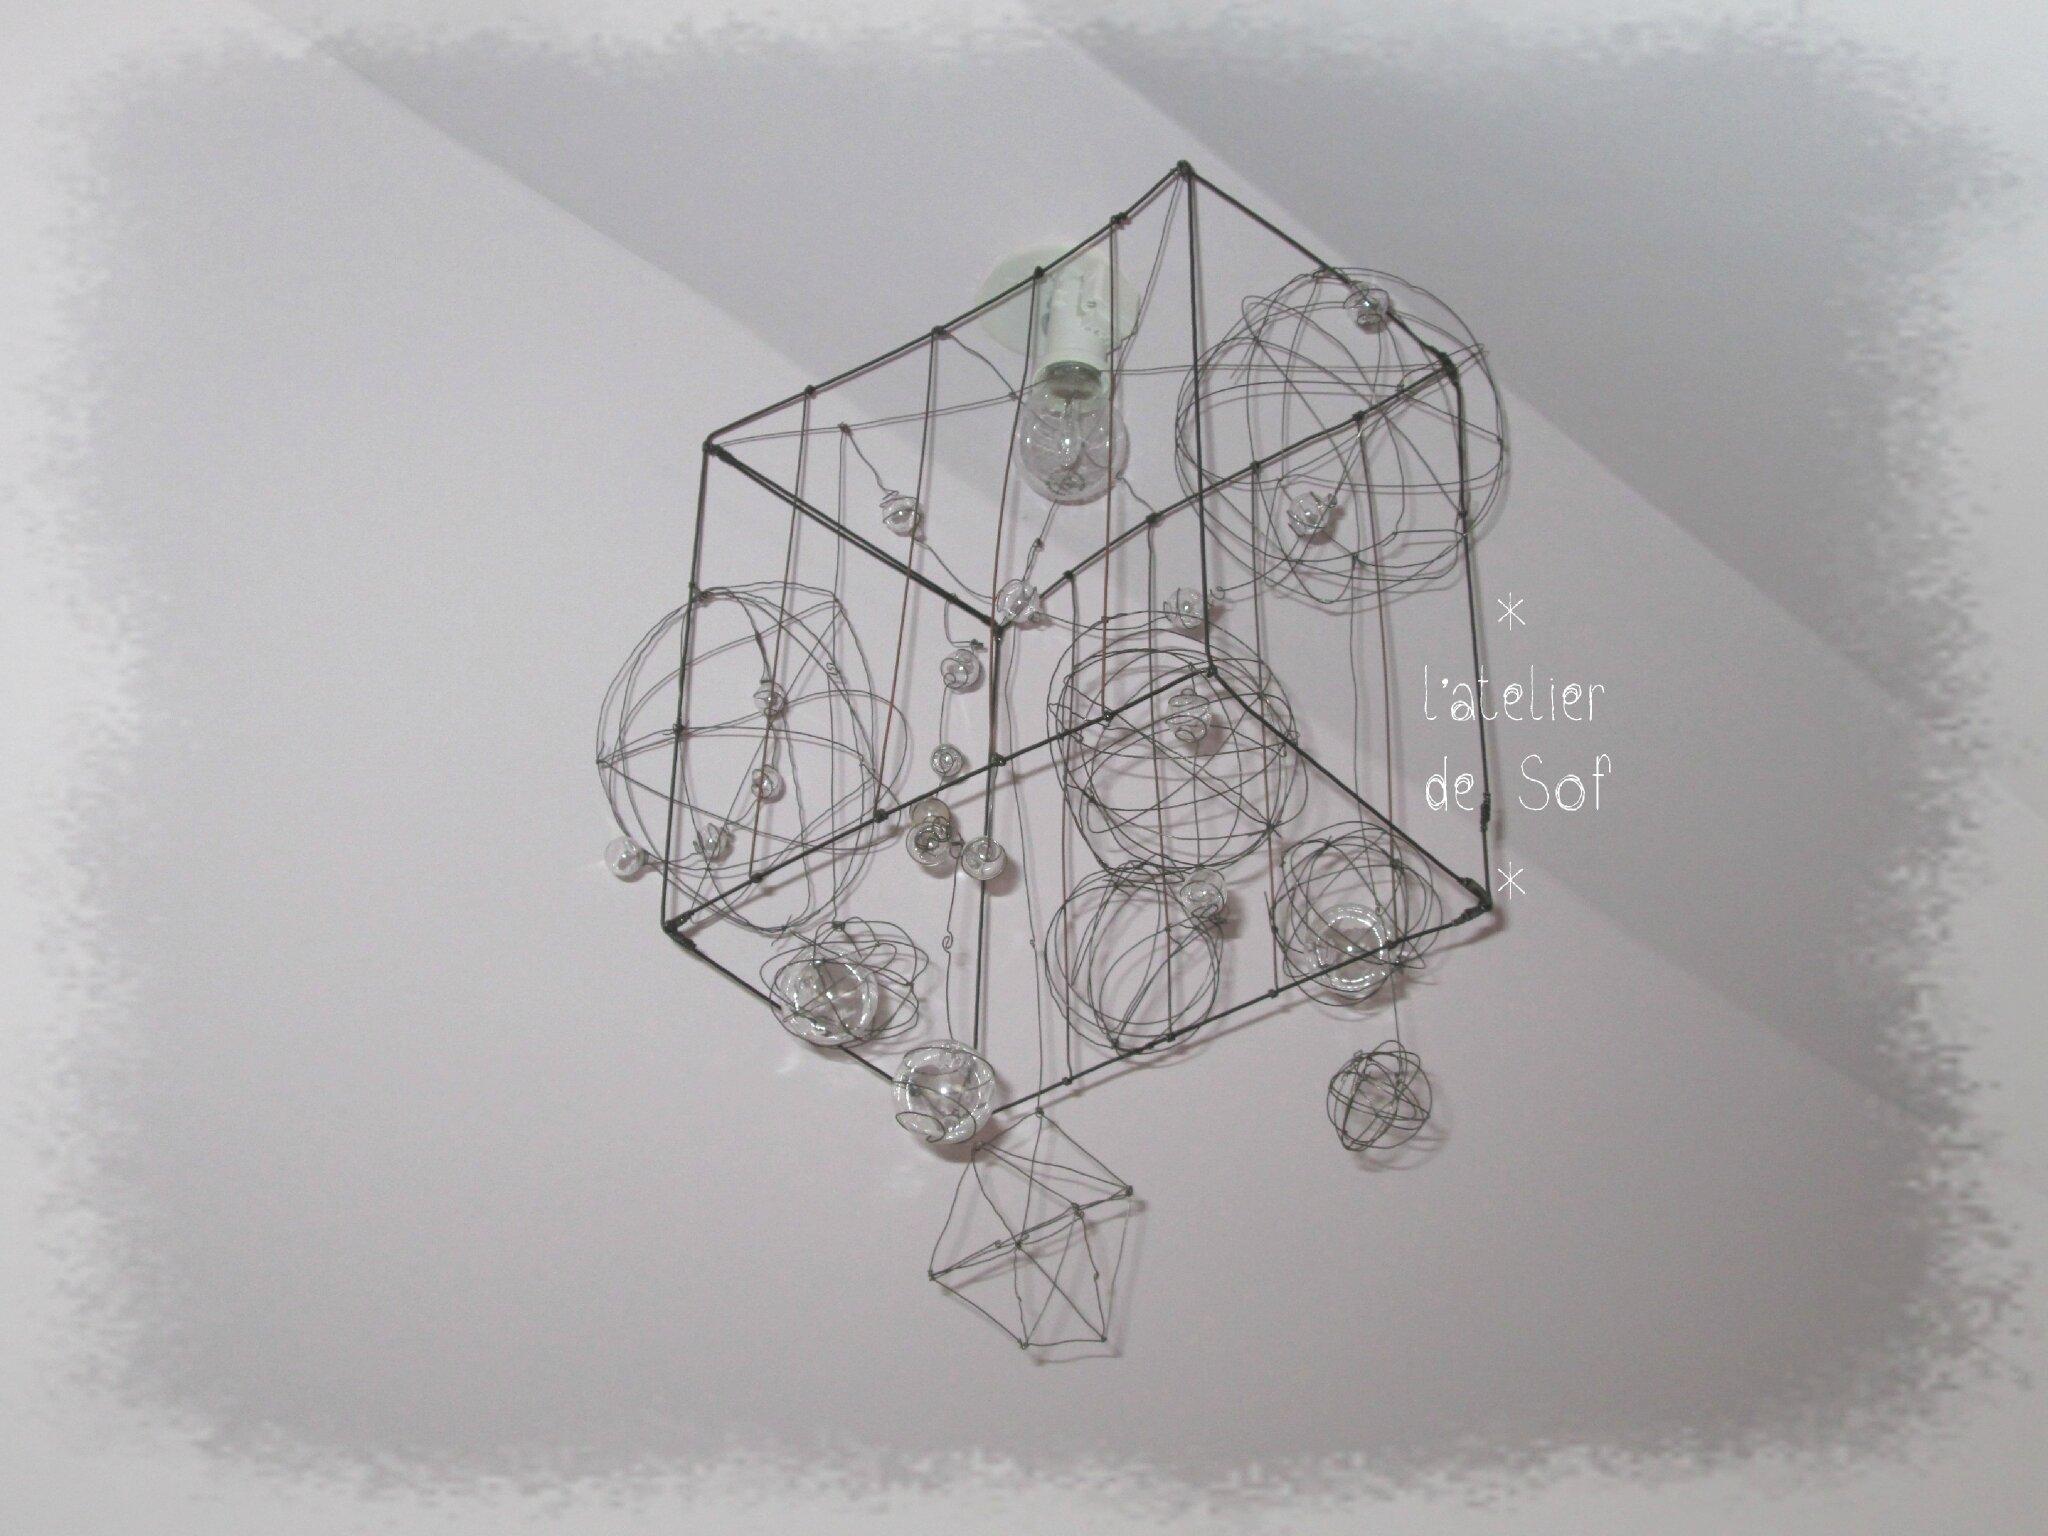 luminaire hors cadre photo de luminaires objets et guirlandes fil de fer l 39 atelier de sof. Black Bedroom Furniture Sets. Home Design Ideas